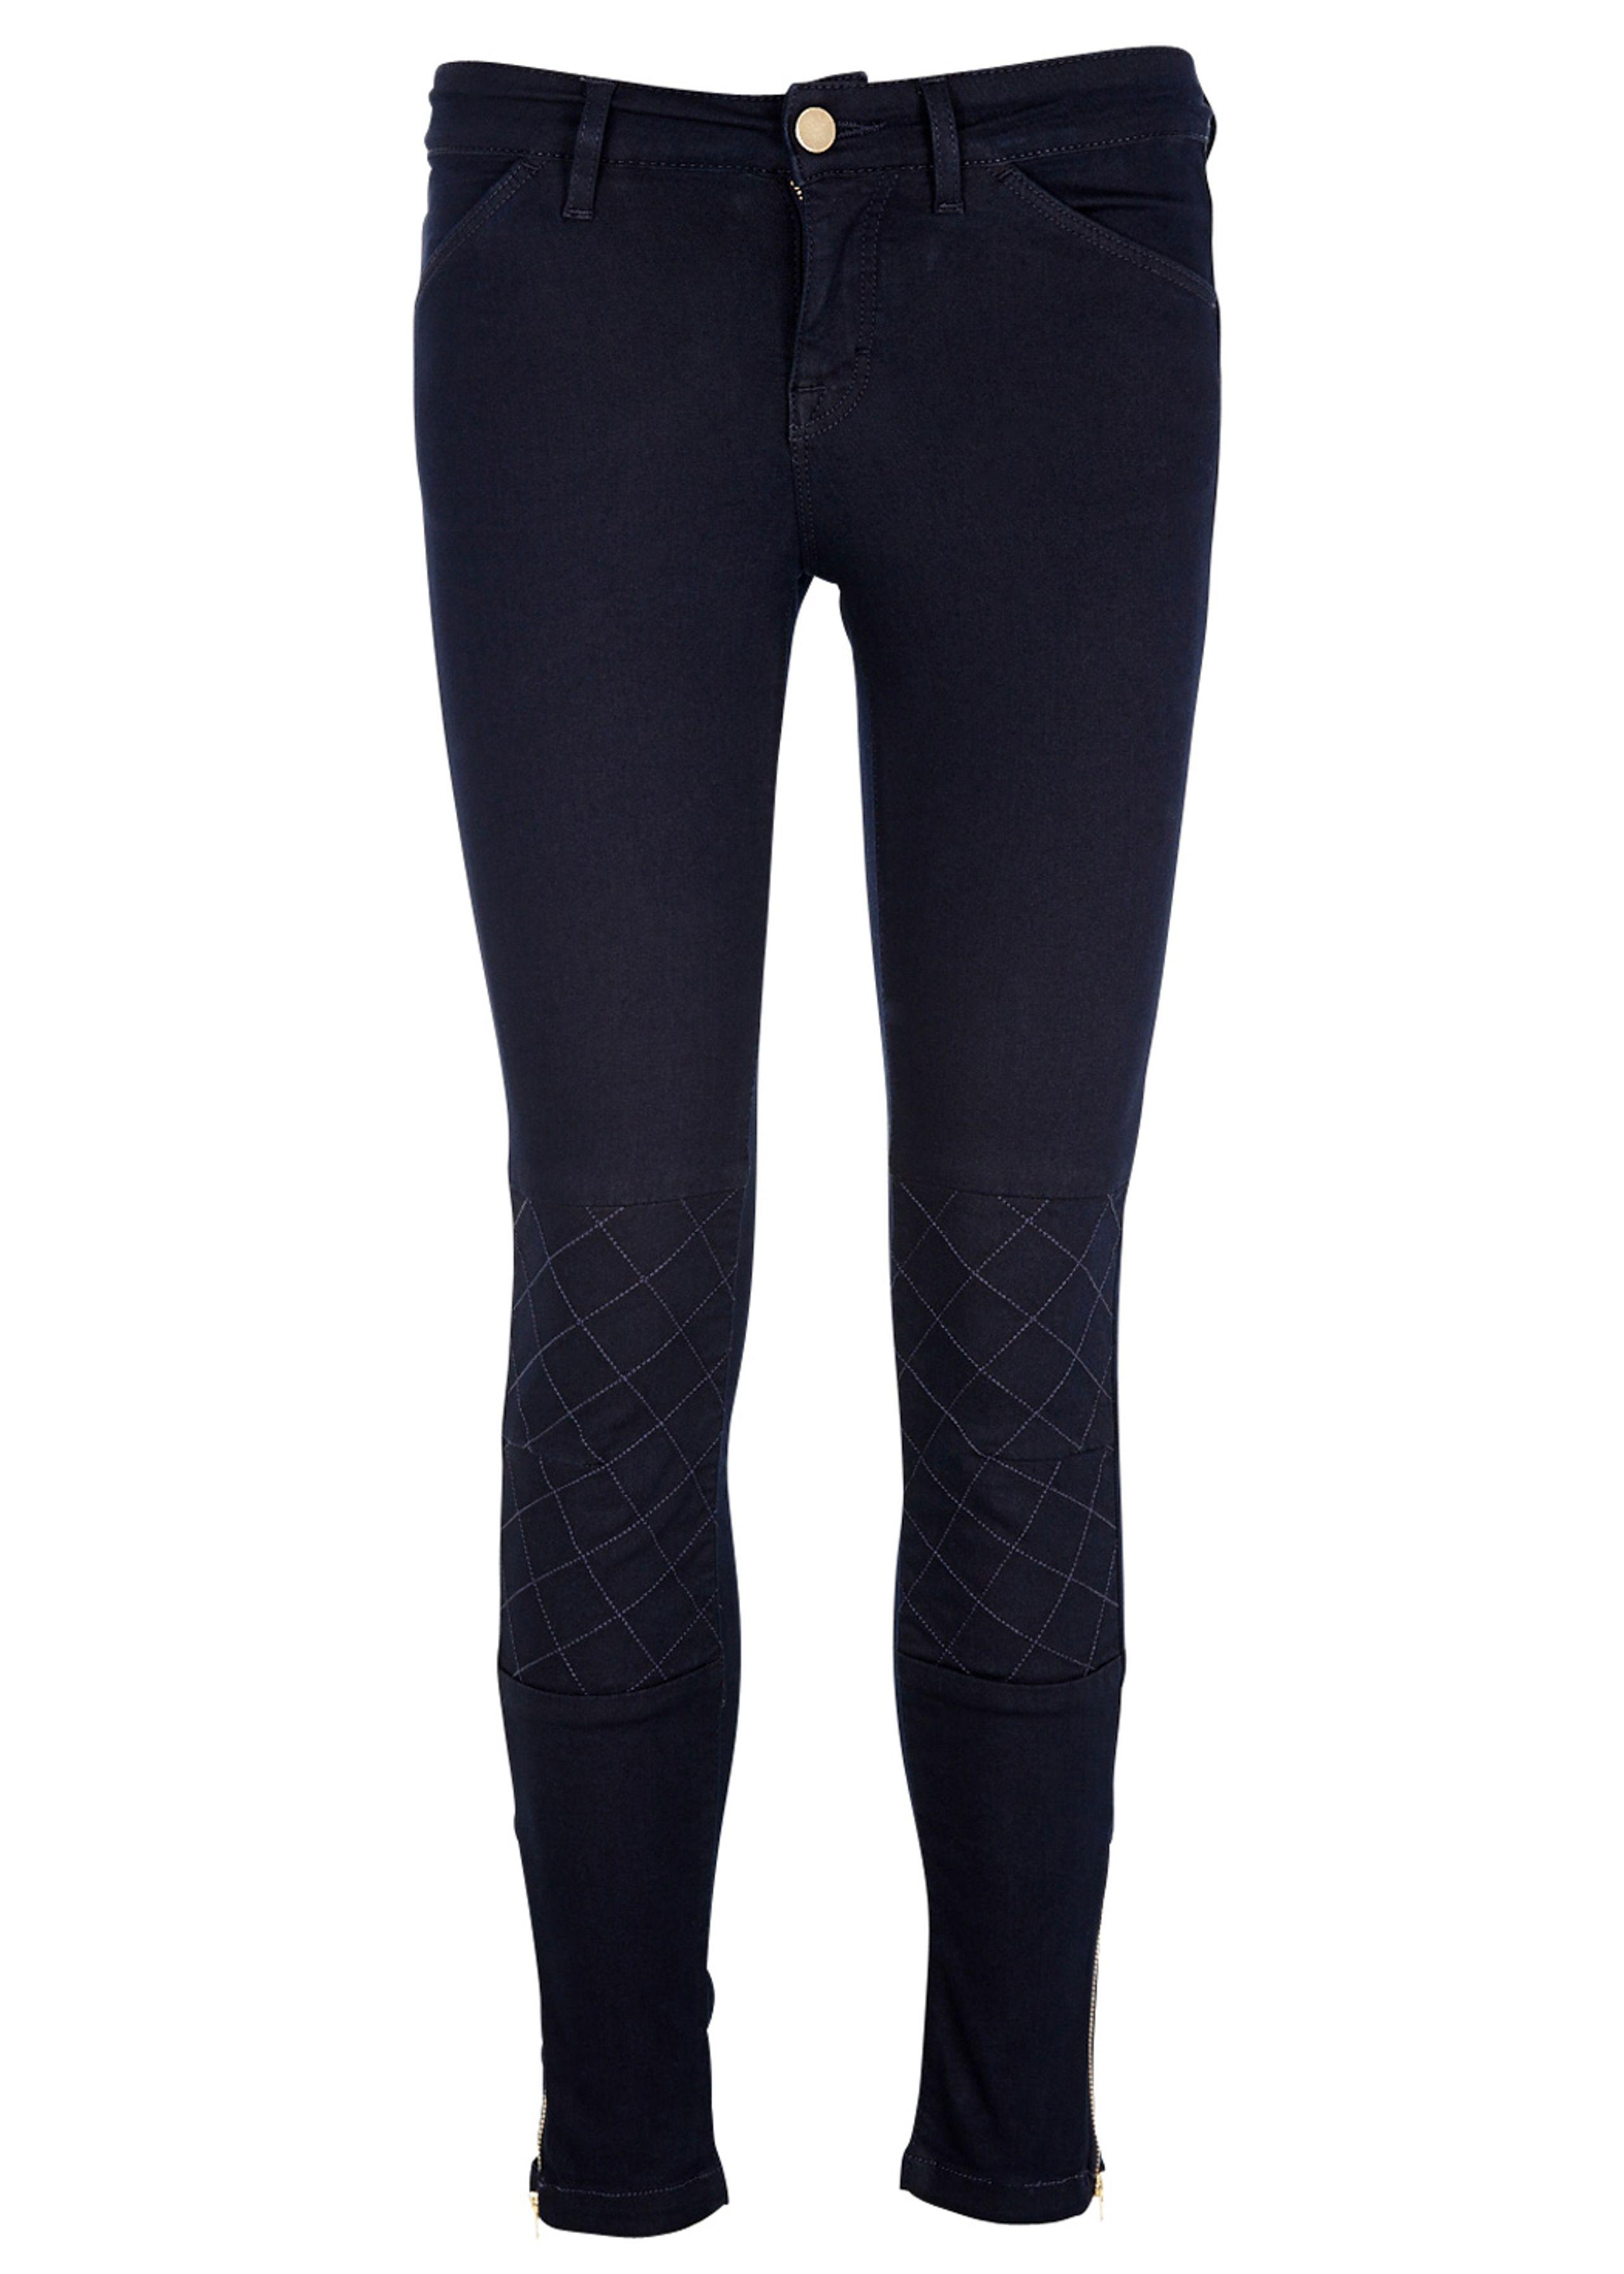 Patti quilt jeans